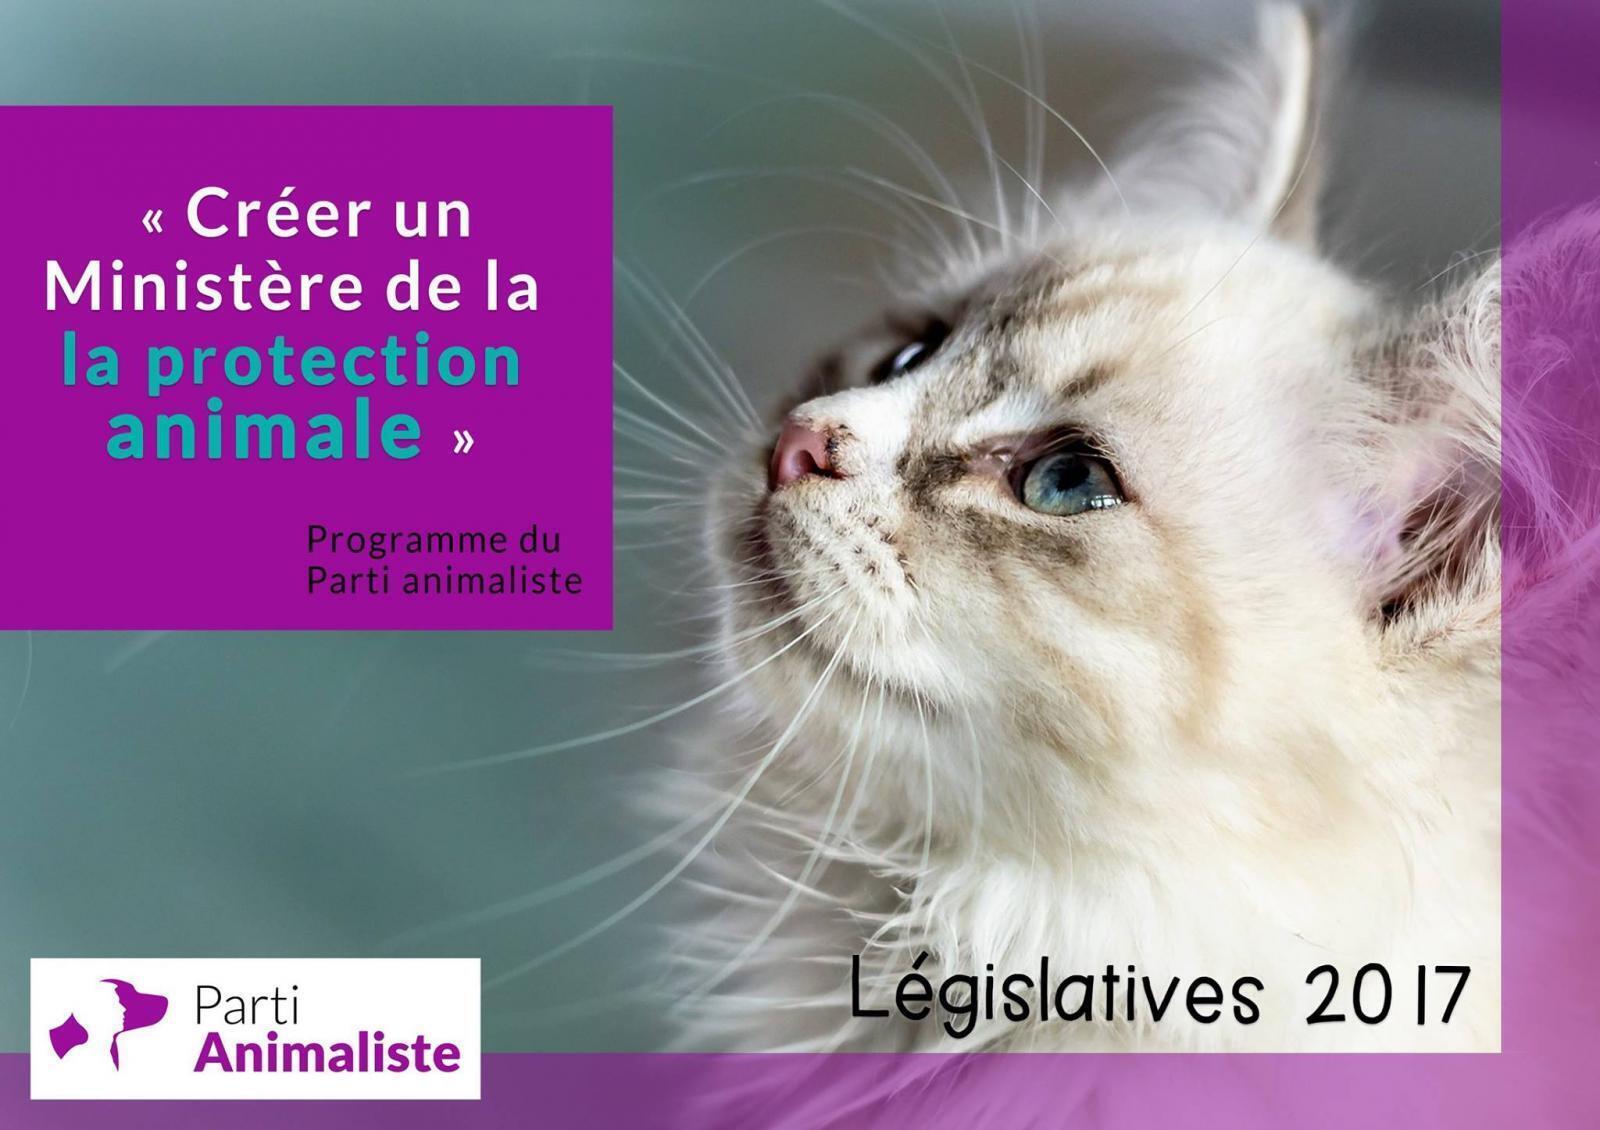 Кампания Партии защиты животных стала одной из самых ярких